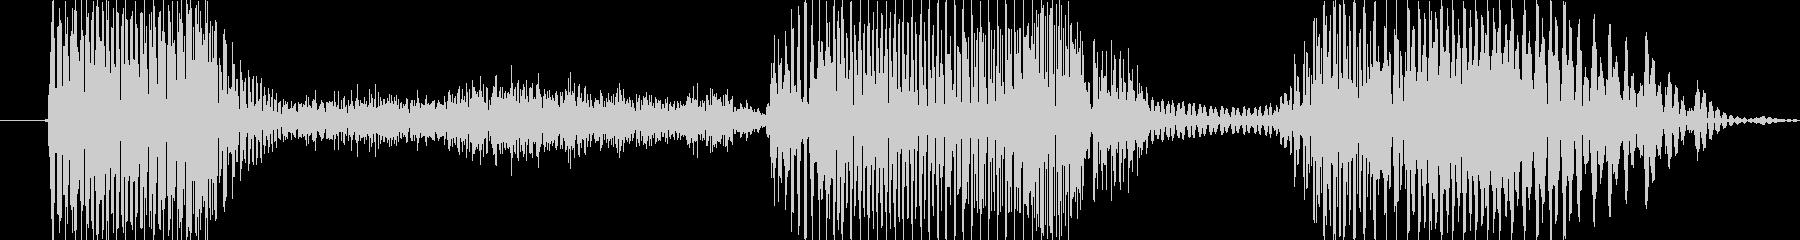 オフサイド!の未再生の波形